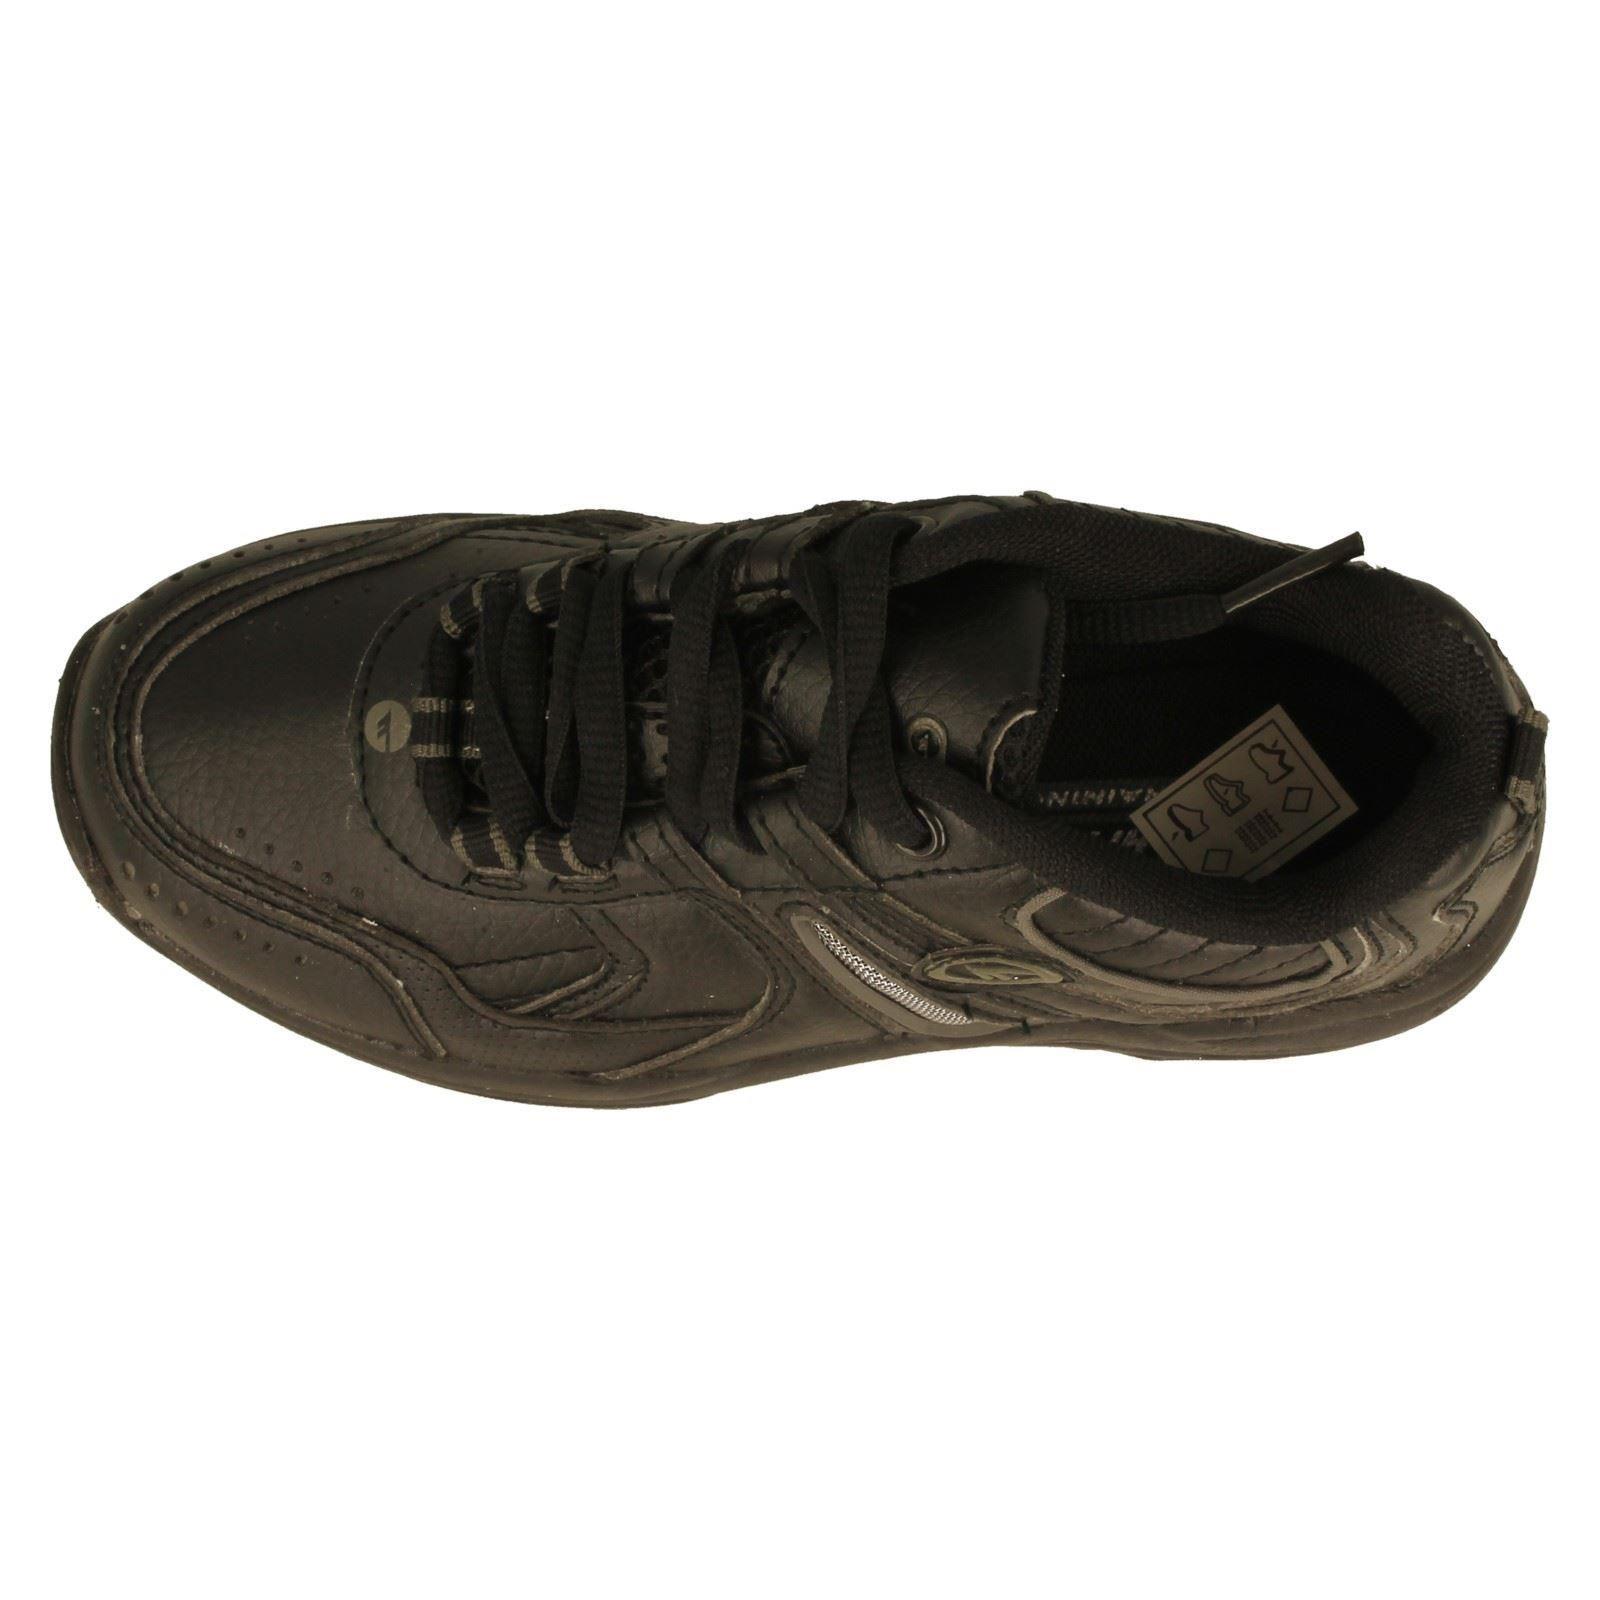 Chicos Hi-Tec Zapatillas el estilo XT101 Jr-W